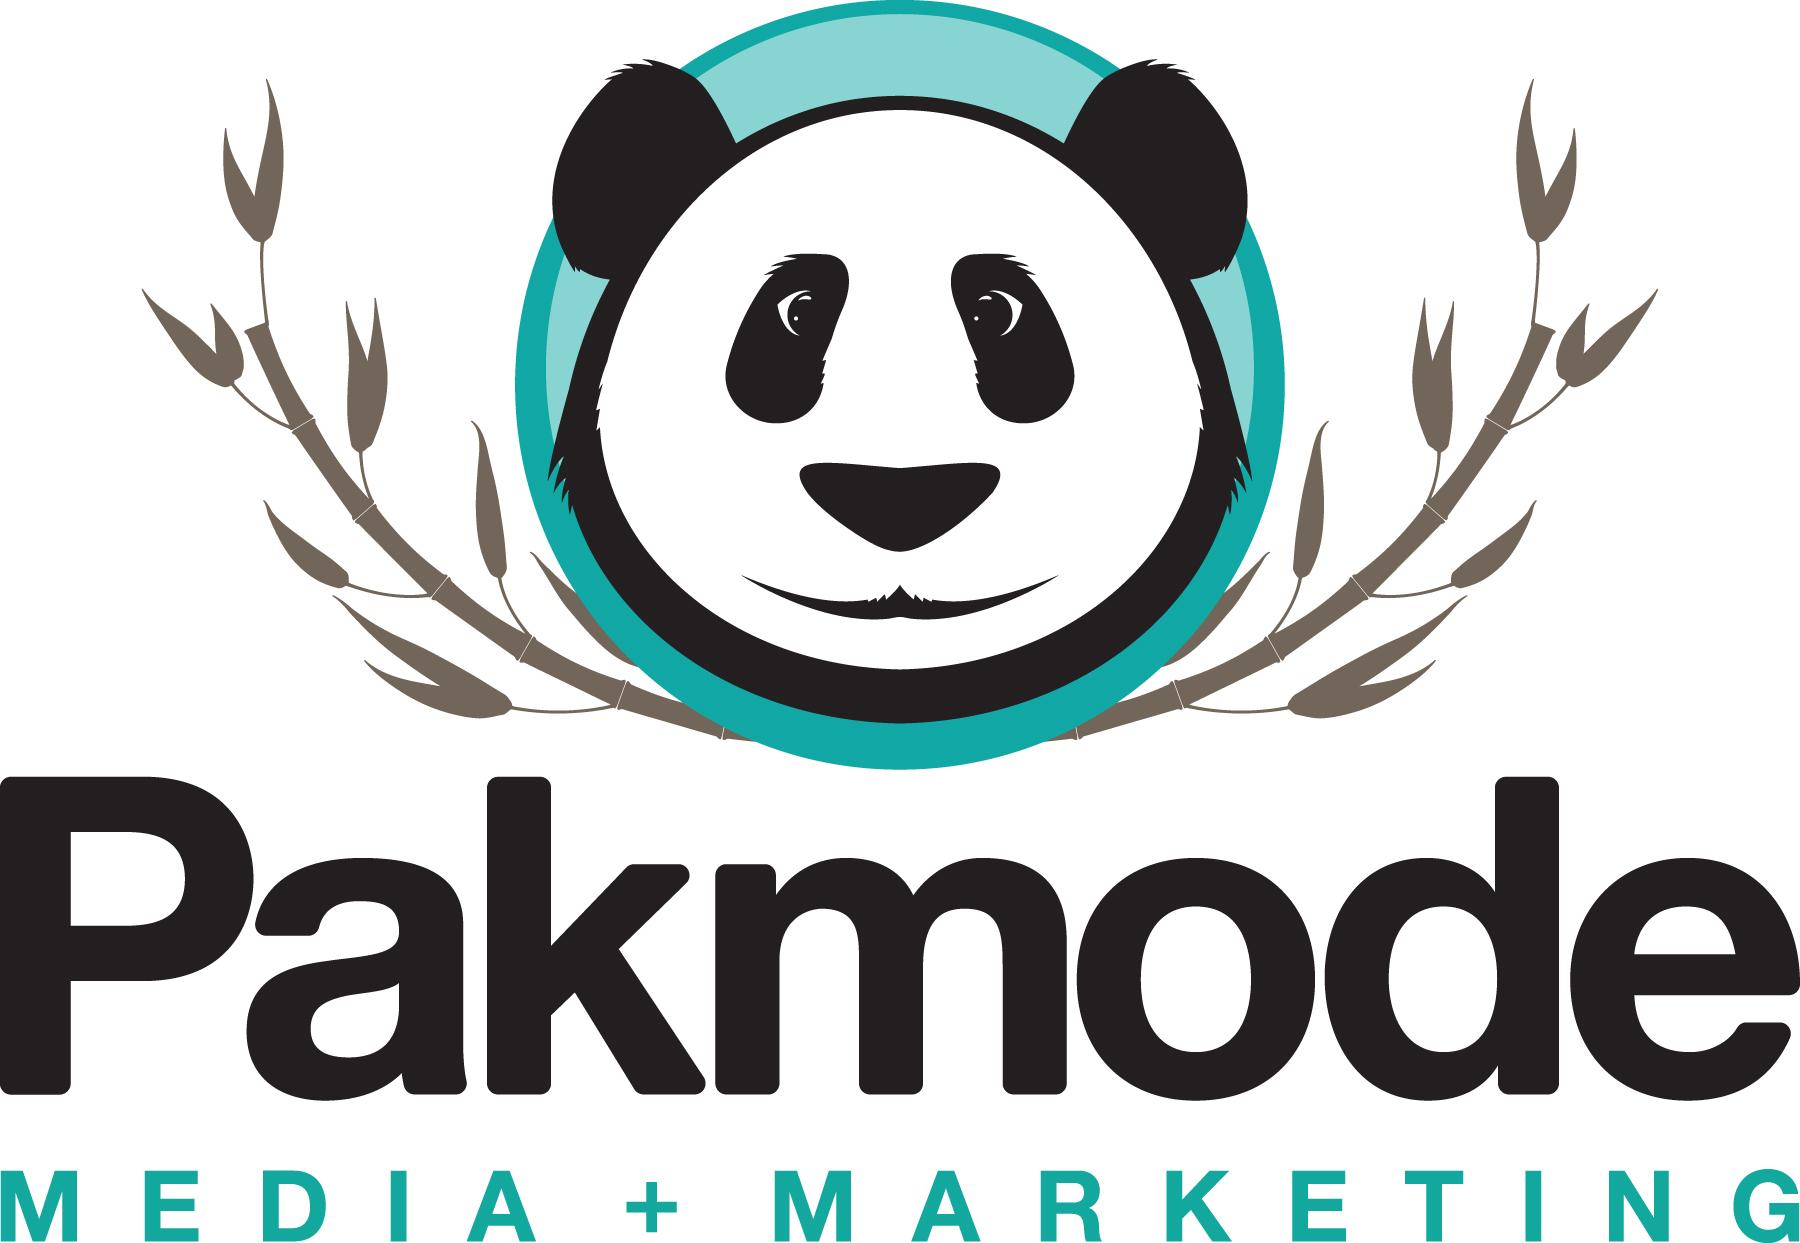 Pakmode Logo v01a - Full Color - 6'' 300dpi.jpg